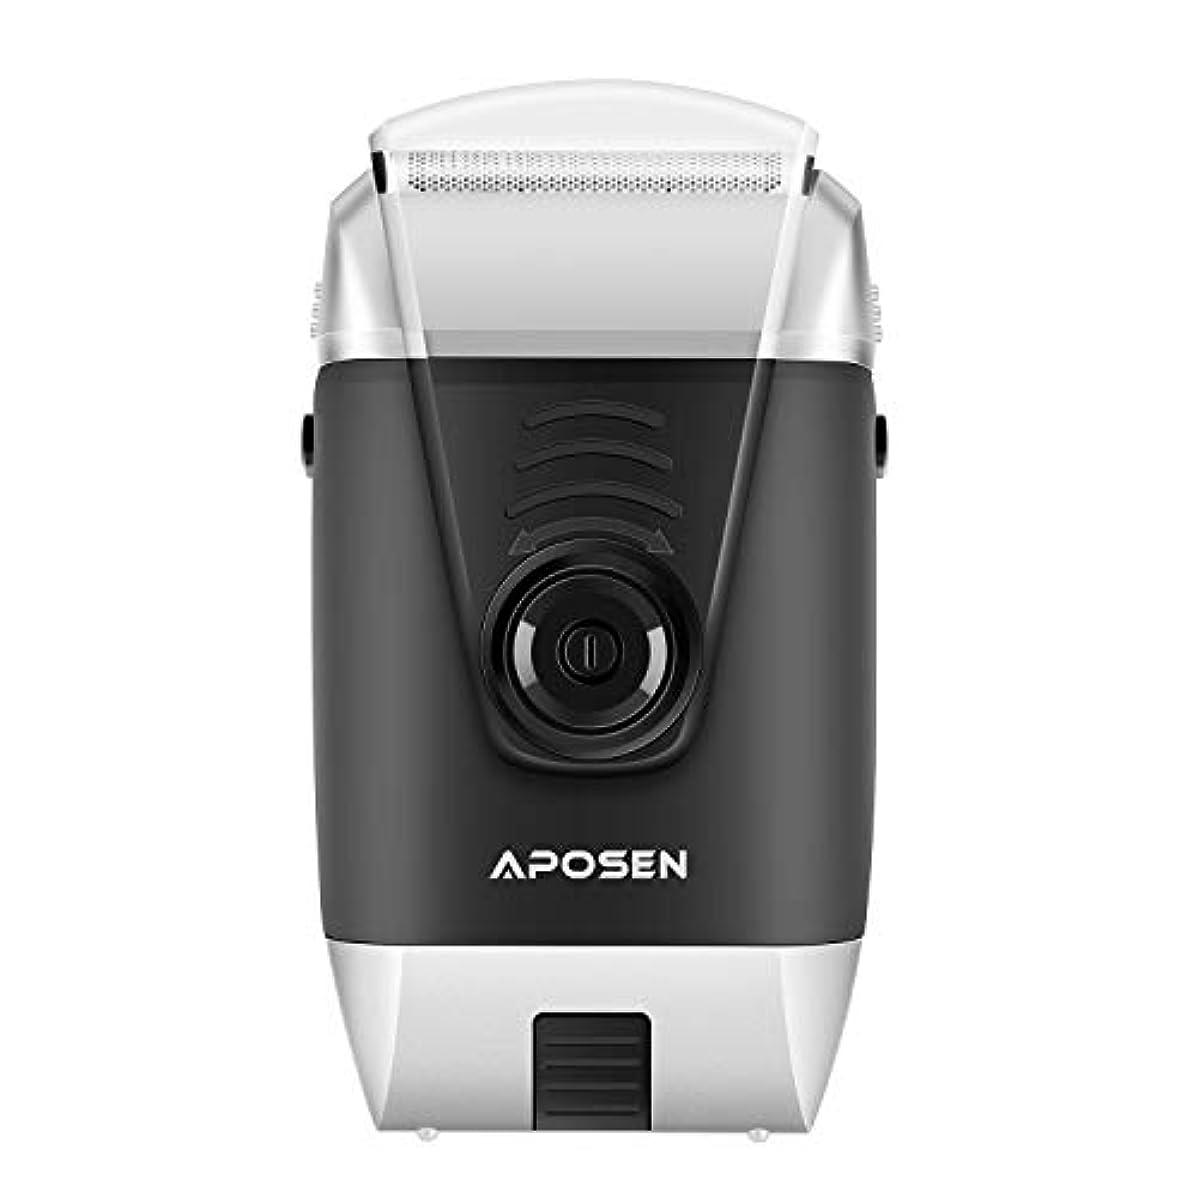 原点落ち込んでいる命令的APOSEN電気シェーバー 髭剃り 剃毛用カミソリ付き USB充電 リチウム電池内蔵 800mAh 大容量旅行用 多機能 男女兼用